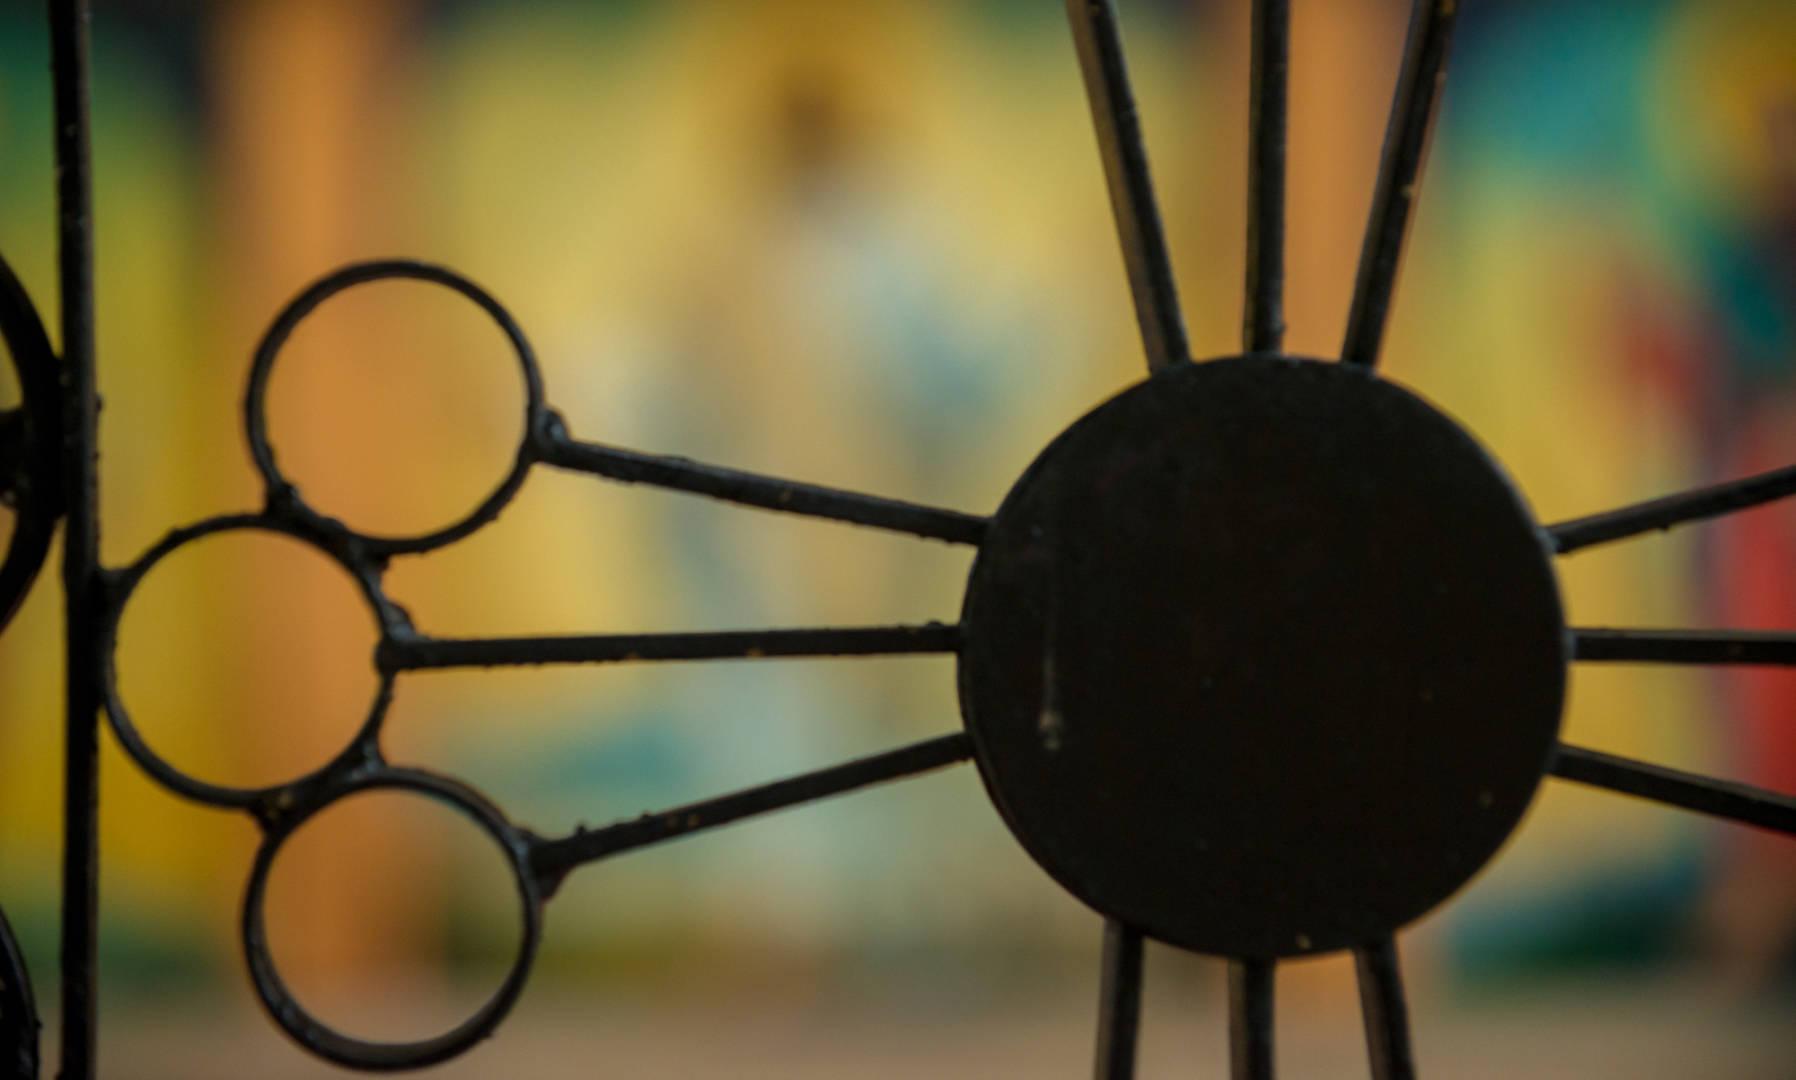 Cross photo for Lent.